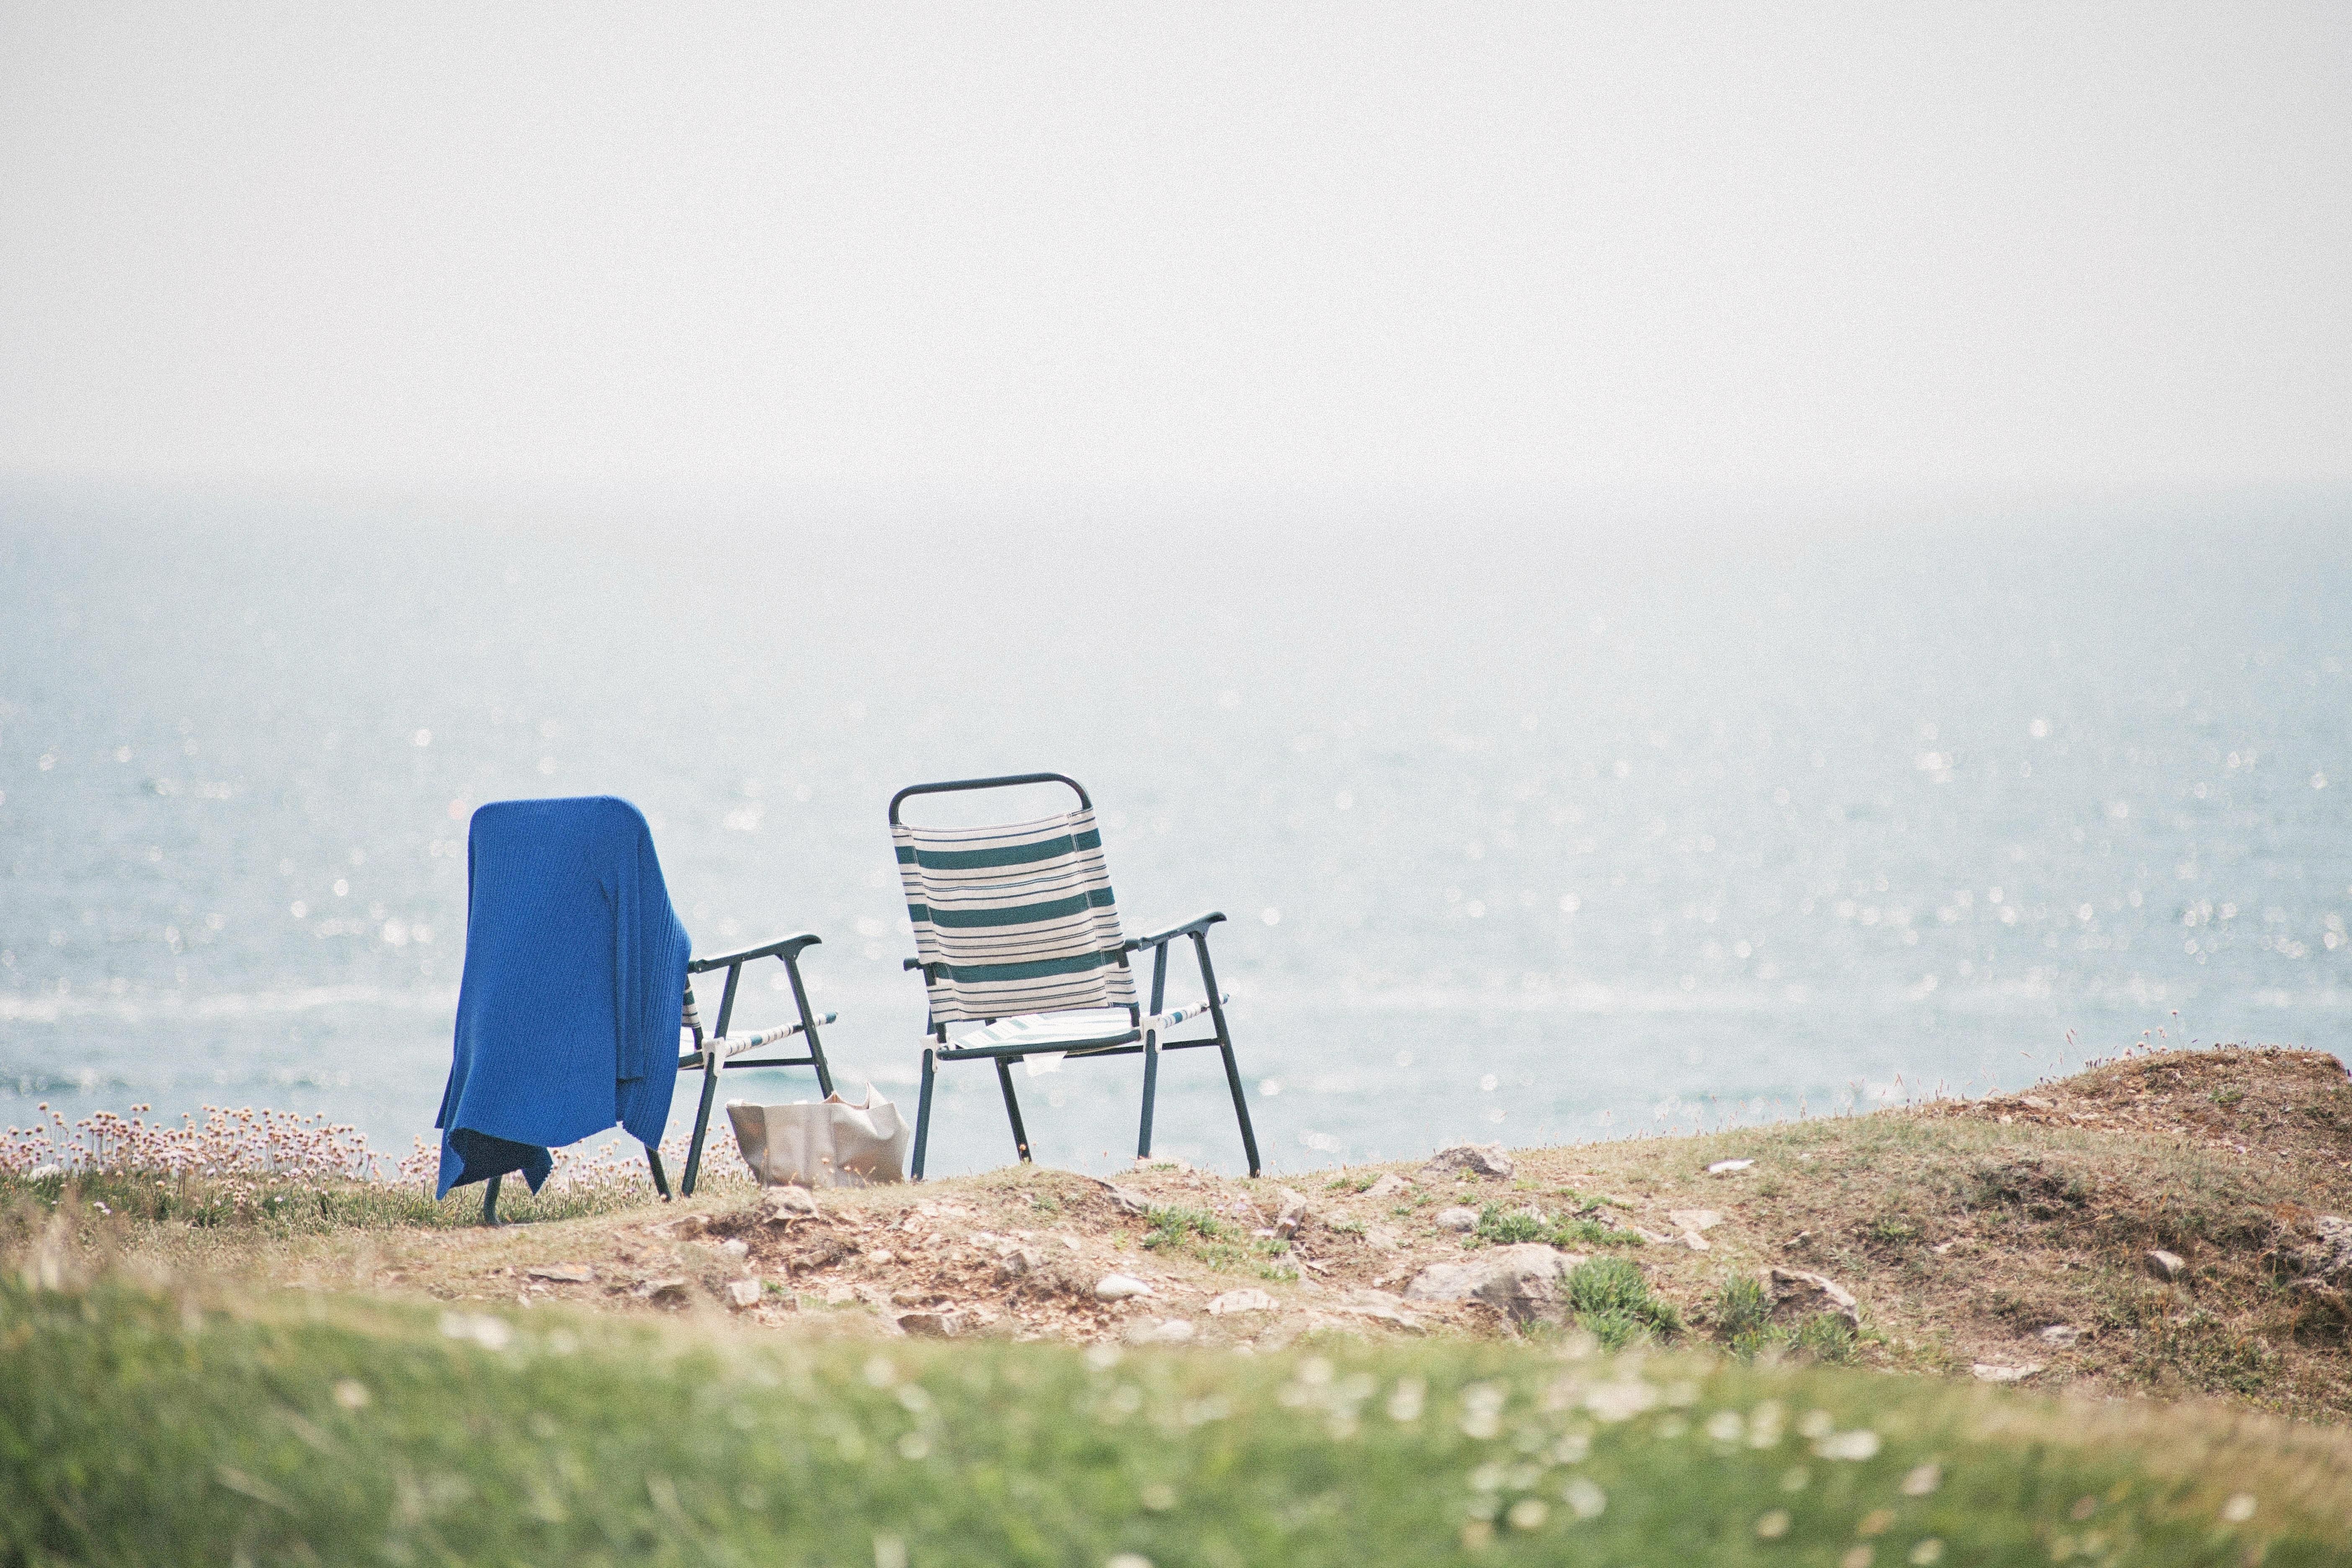 Strand Landschaft Meer Küste Wasser draussen Ozean Horizont Morgen Ufer Sessel Ferien Küste Entspannen Sie sich